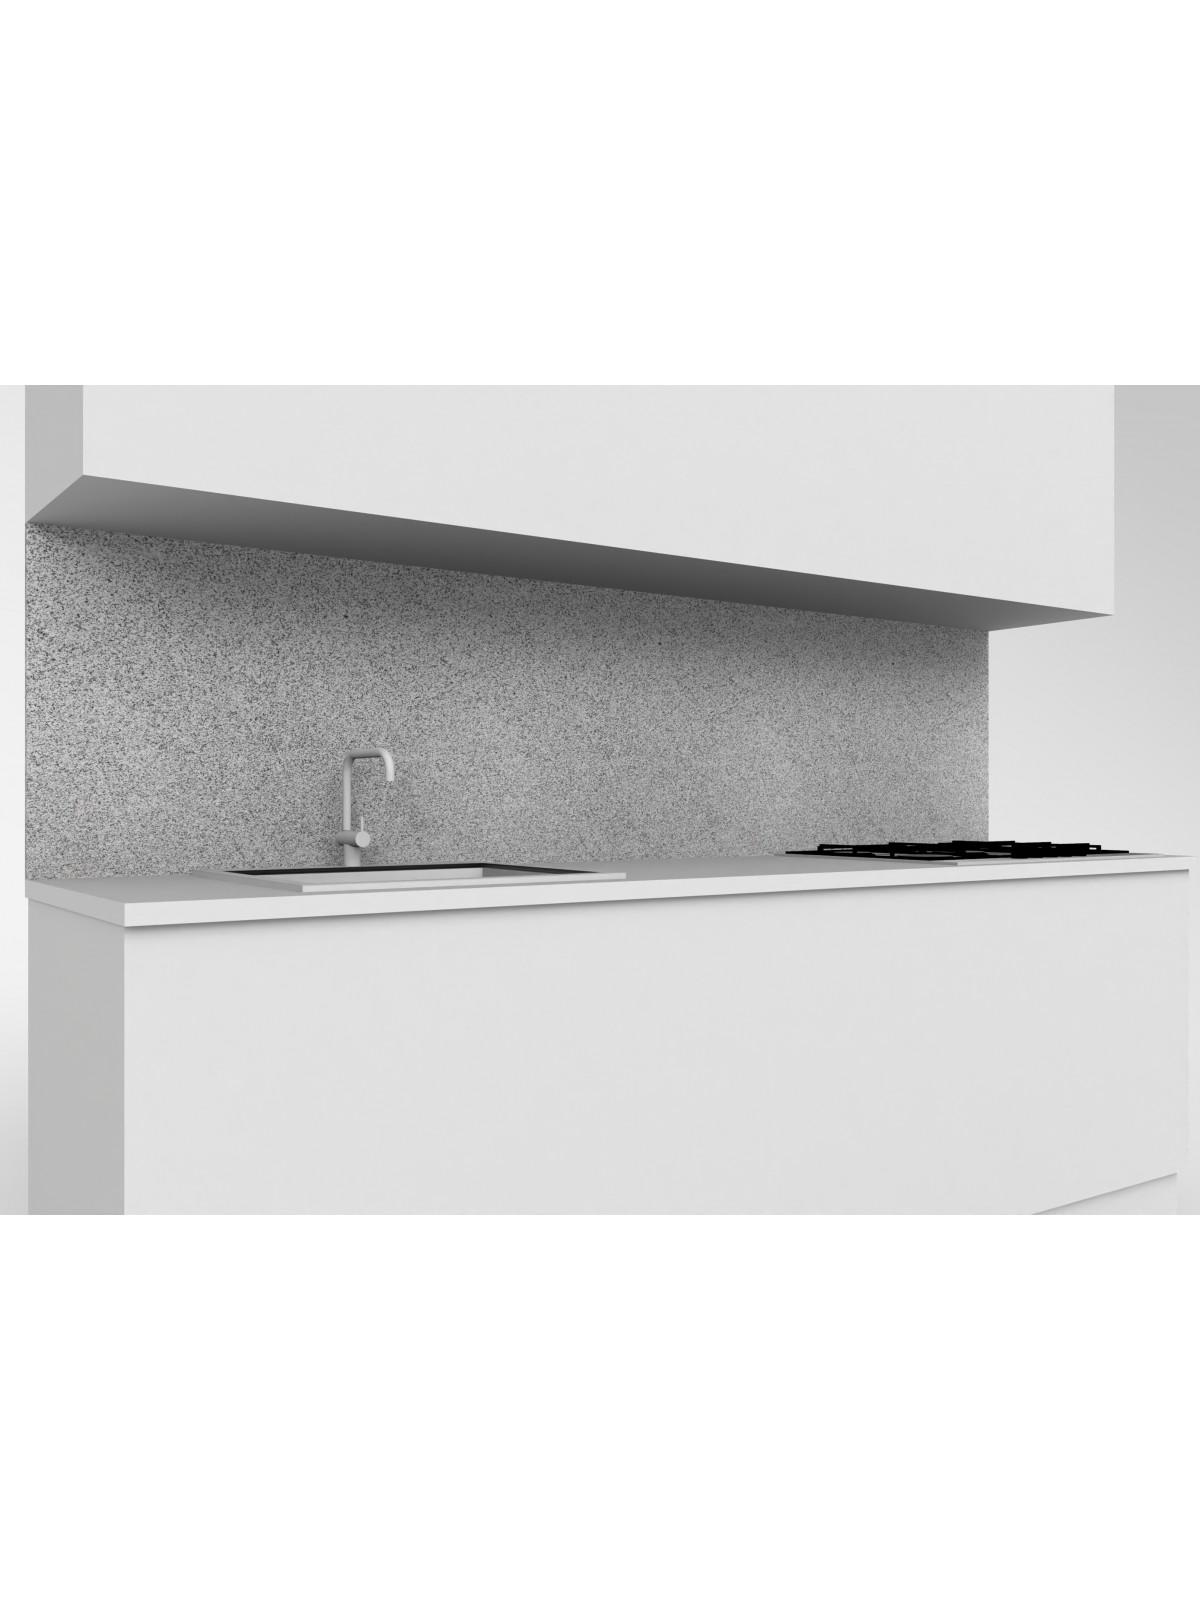 Alzata mobile cucina in diorite chiara